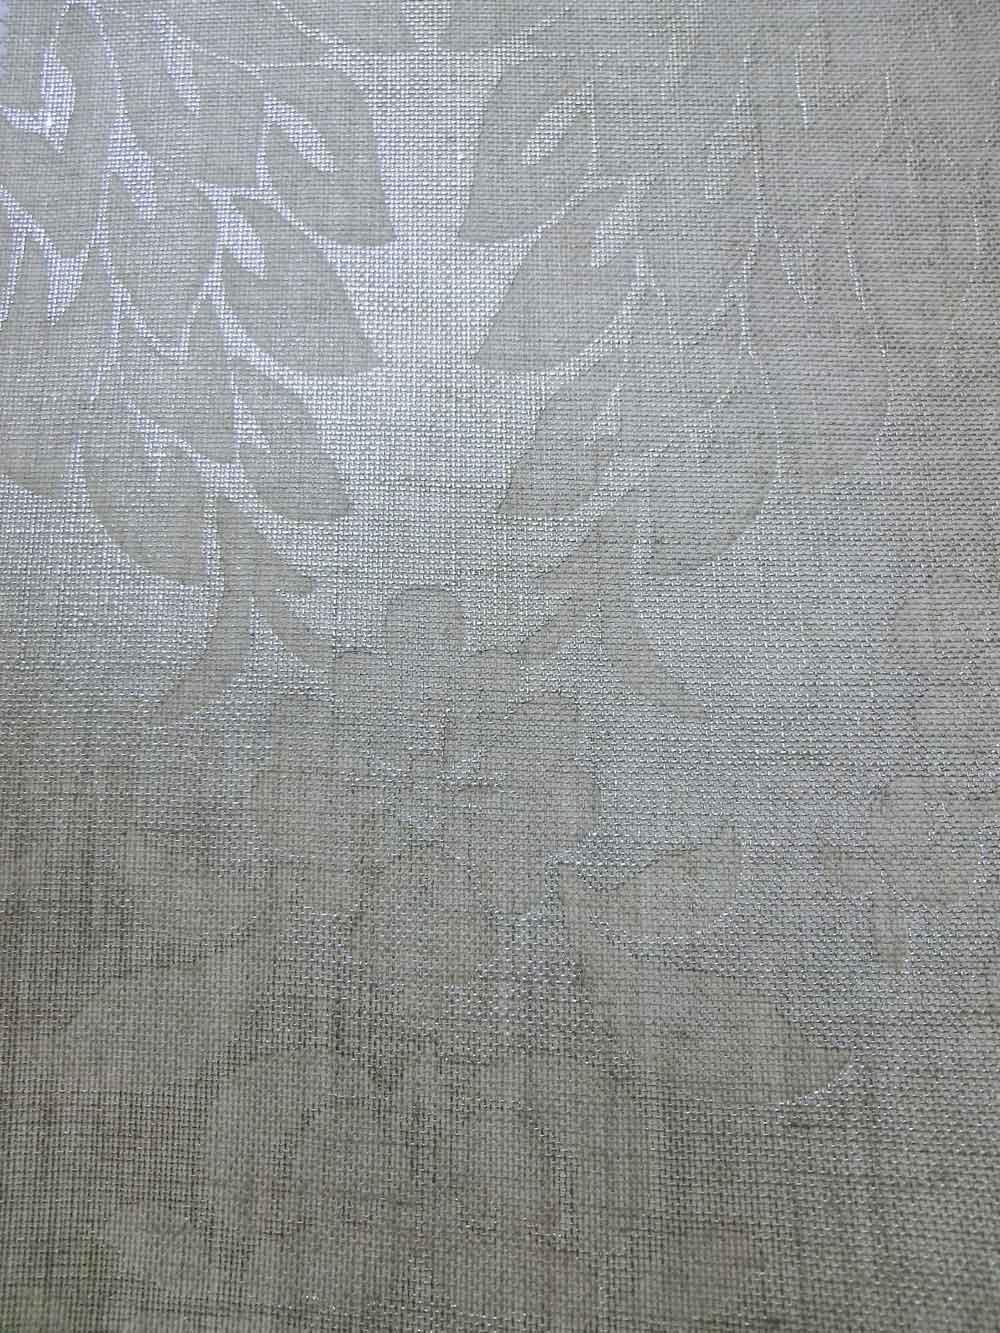 tapeten gras arte rosen muster auch grau alle tapeten aus deutschland zum online kaufen. Black Bedroom Furniture Sets. Home Design Ideas